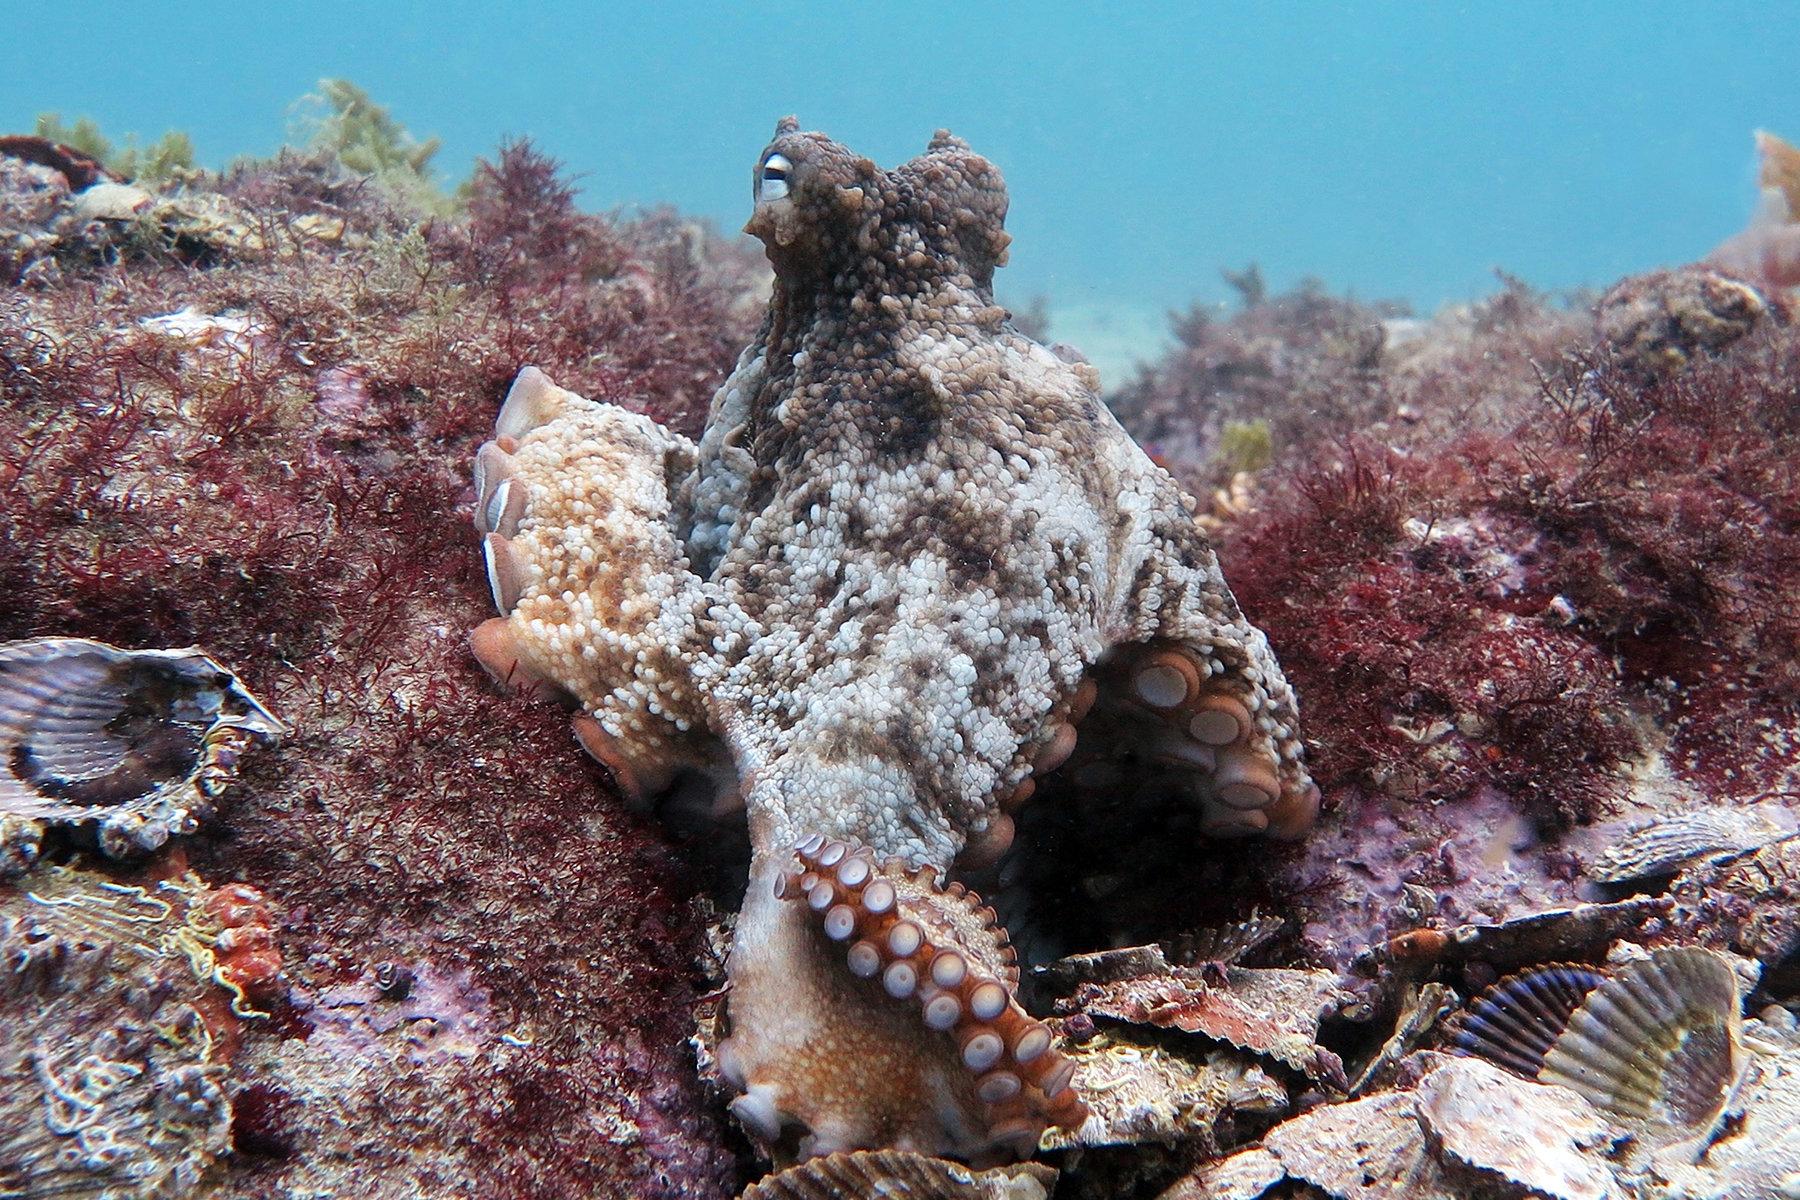 A gloomy octopus.